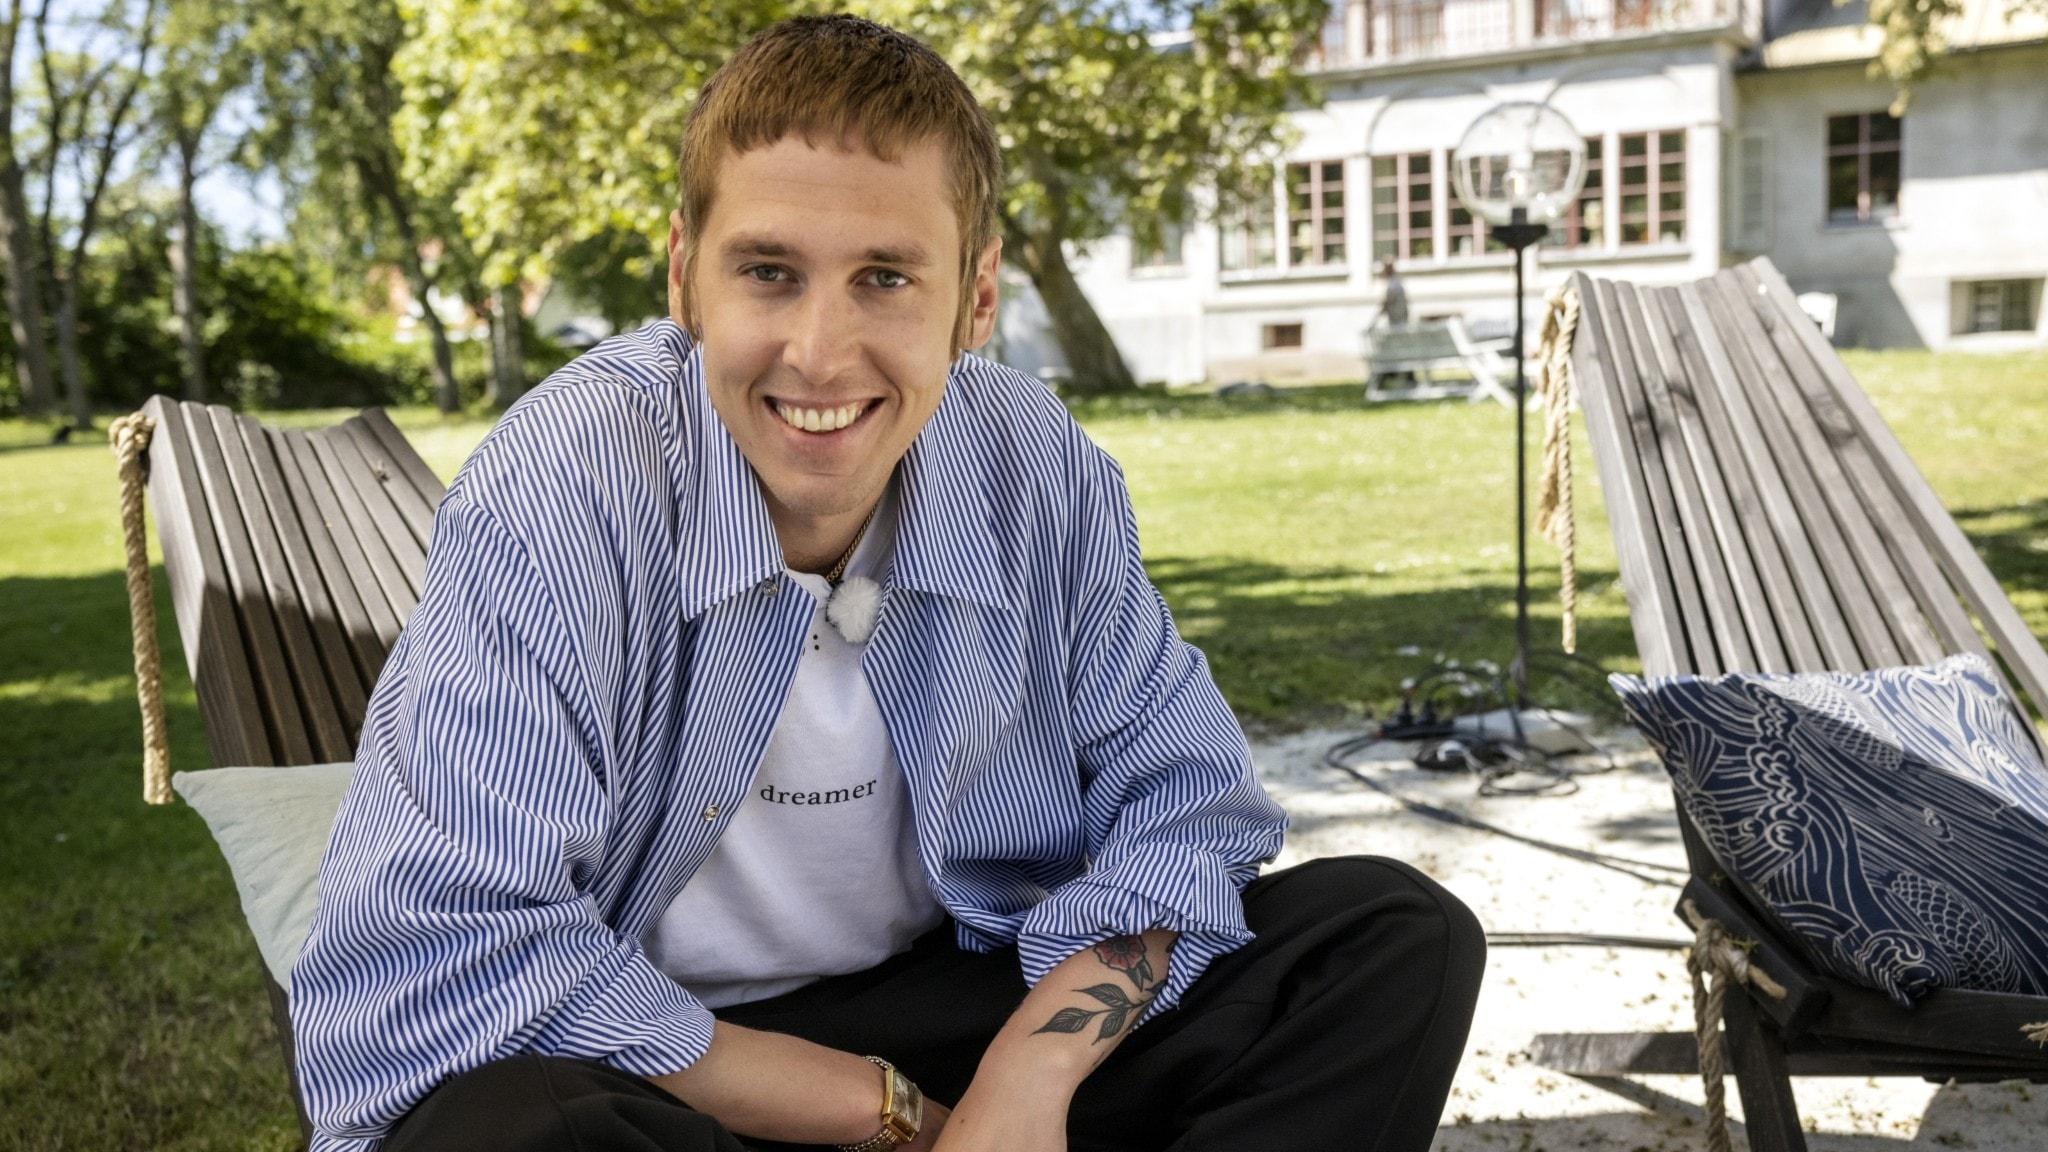 En leende ung man sitter i en solstol med uppknäppt skjorta och ser in i kameran.